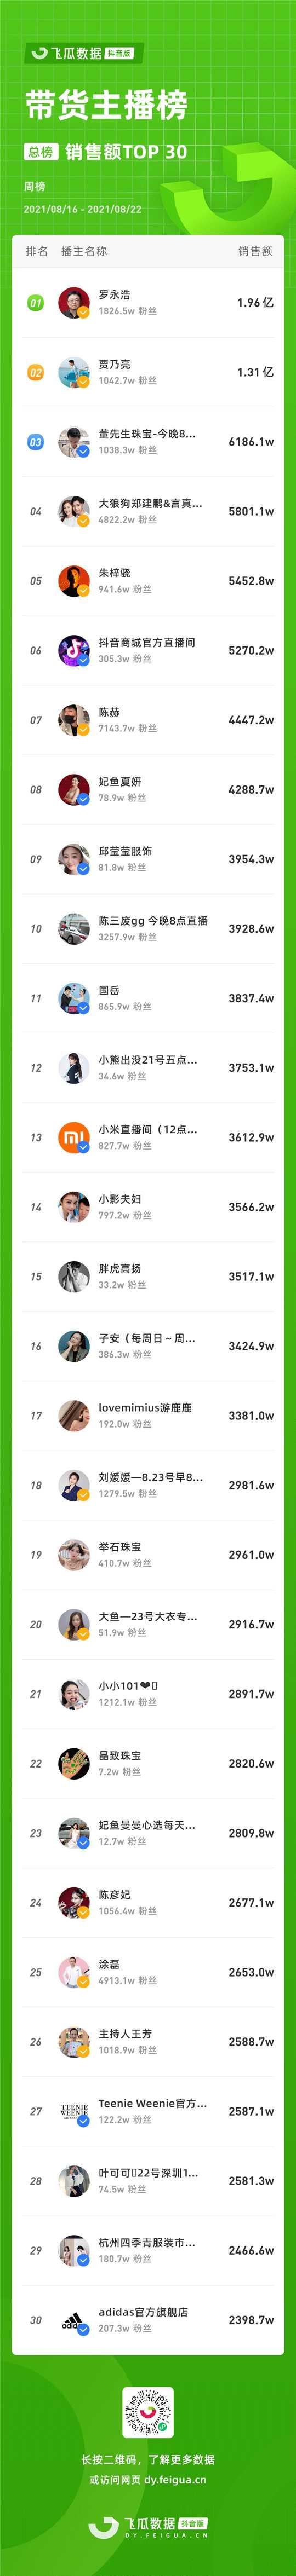 """罗永浩开公益直播,GMV高达1.3亿,""""抖音一哥 """"又火出圈!  一周直播快报"""